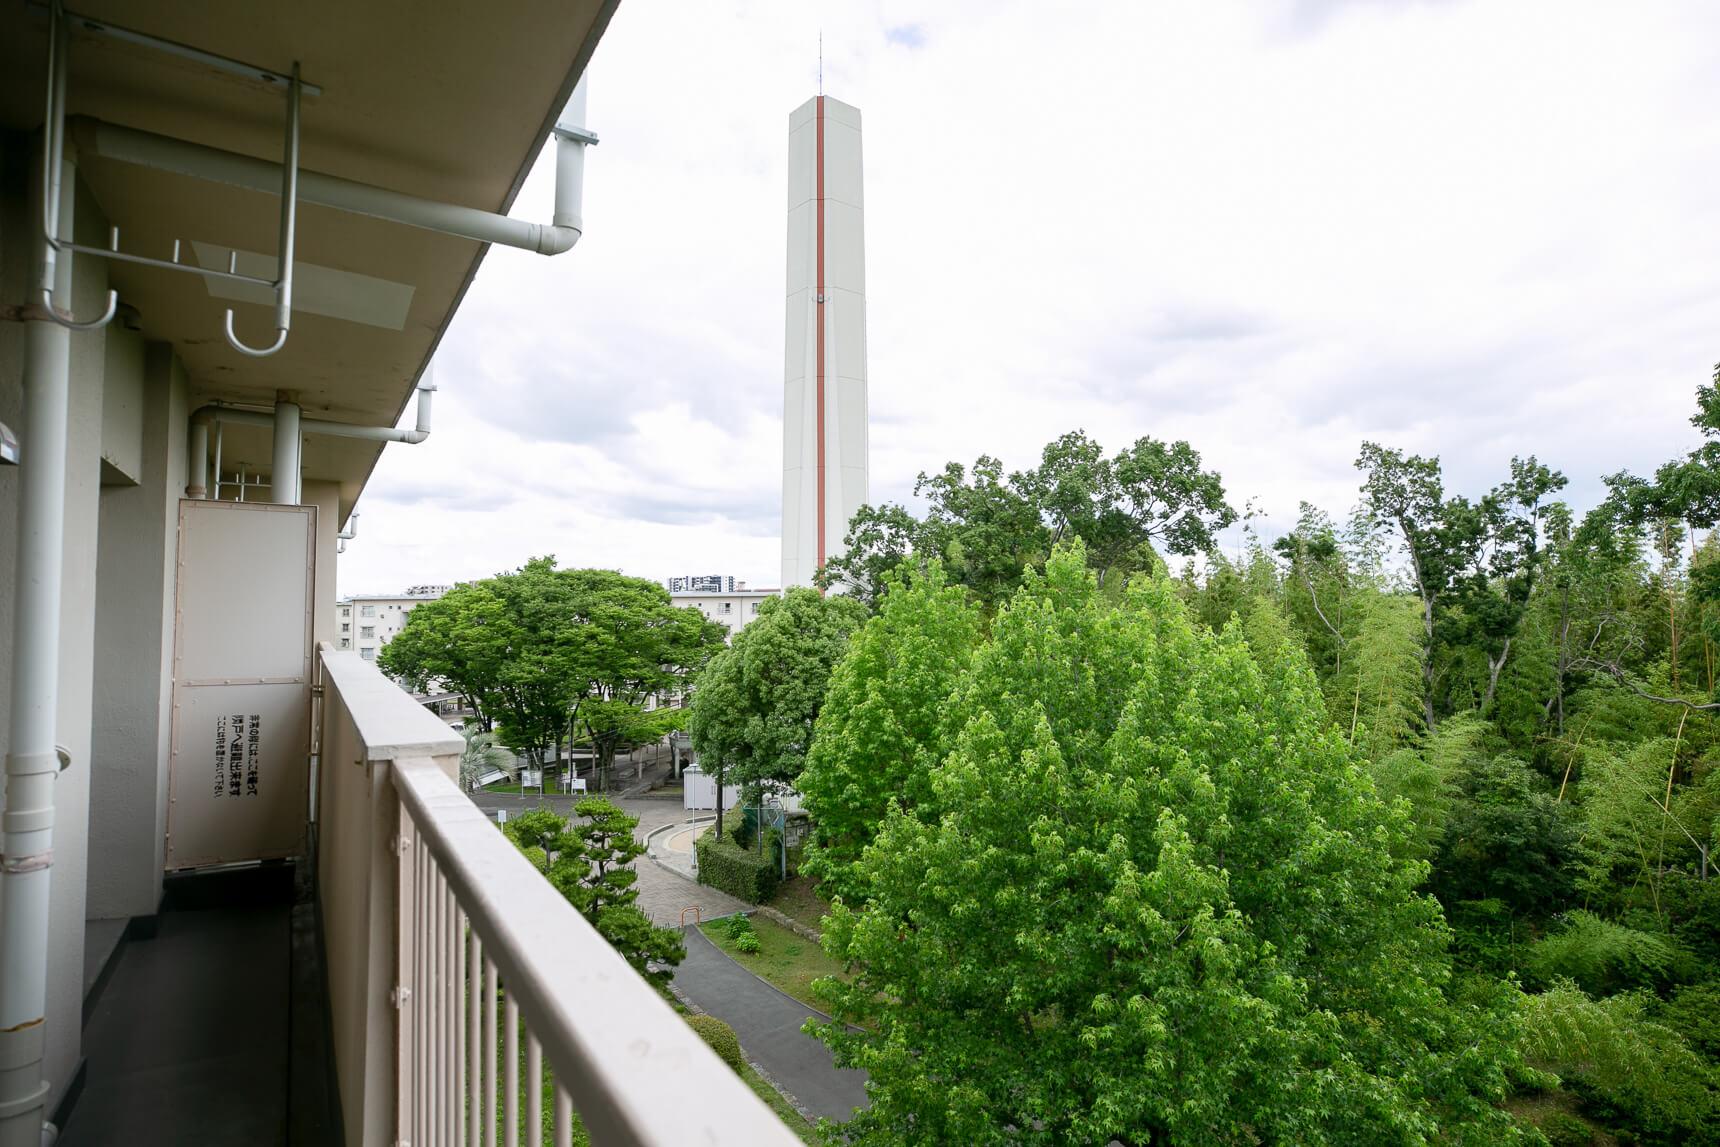 眺望は3部屋の中でもピカイチ!たくさんの緑が目に嬉しいです。